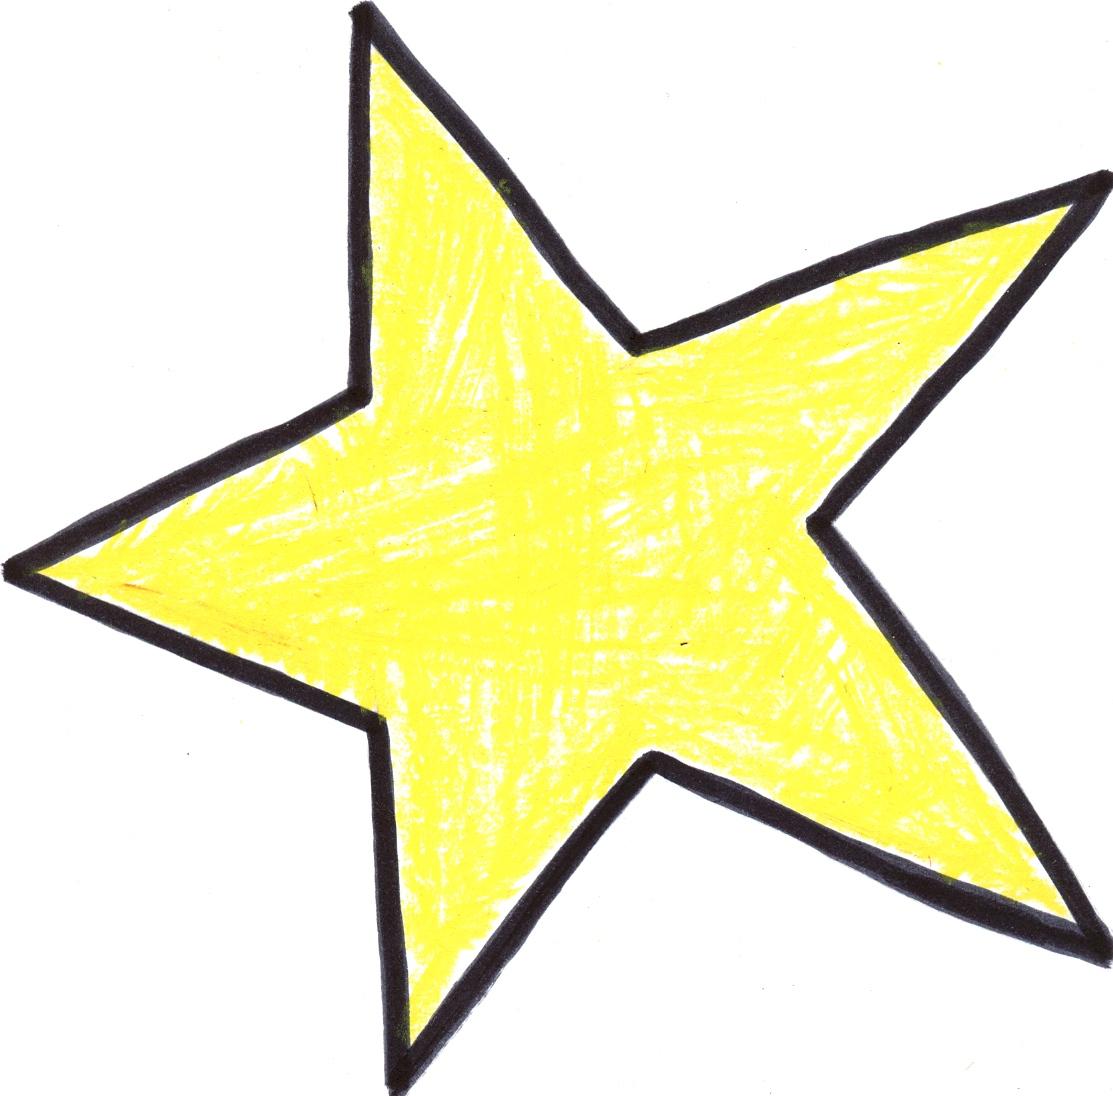 1113x1096 Star Clip Art Outline Free Clipart Images 3 Clipartix